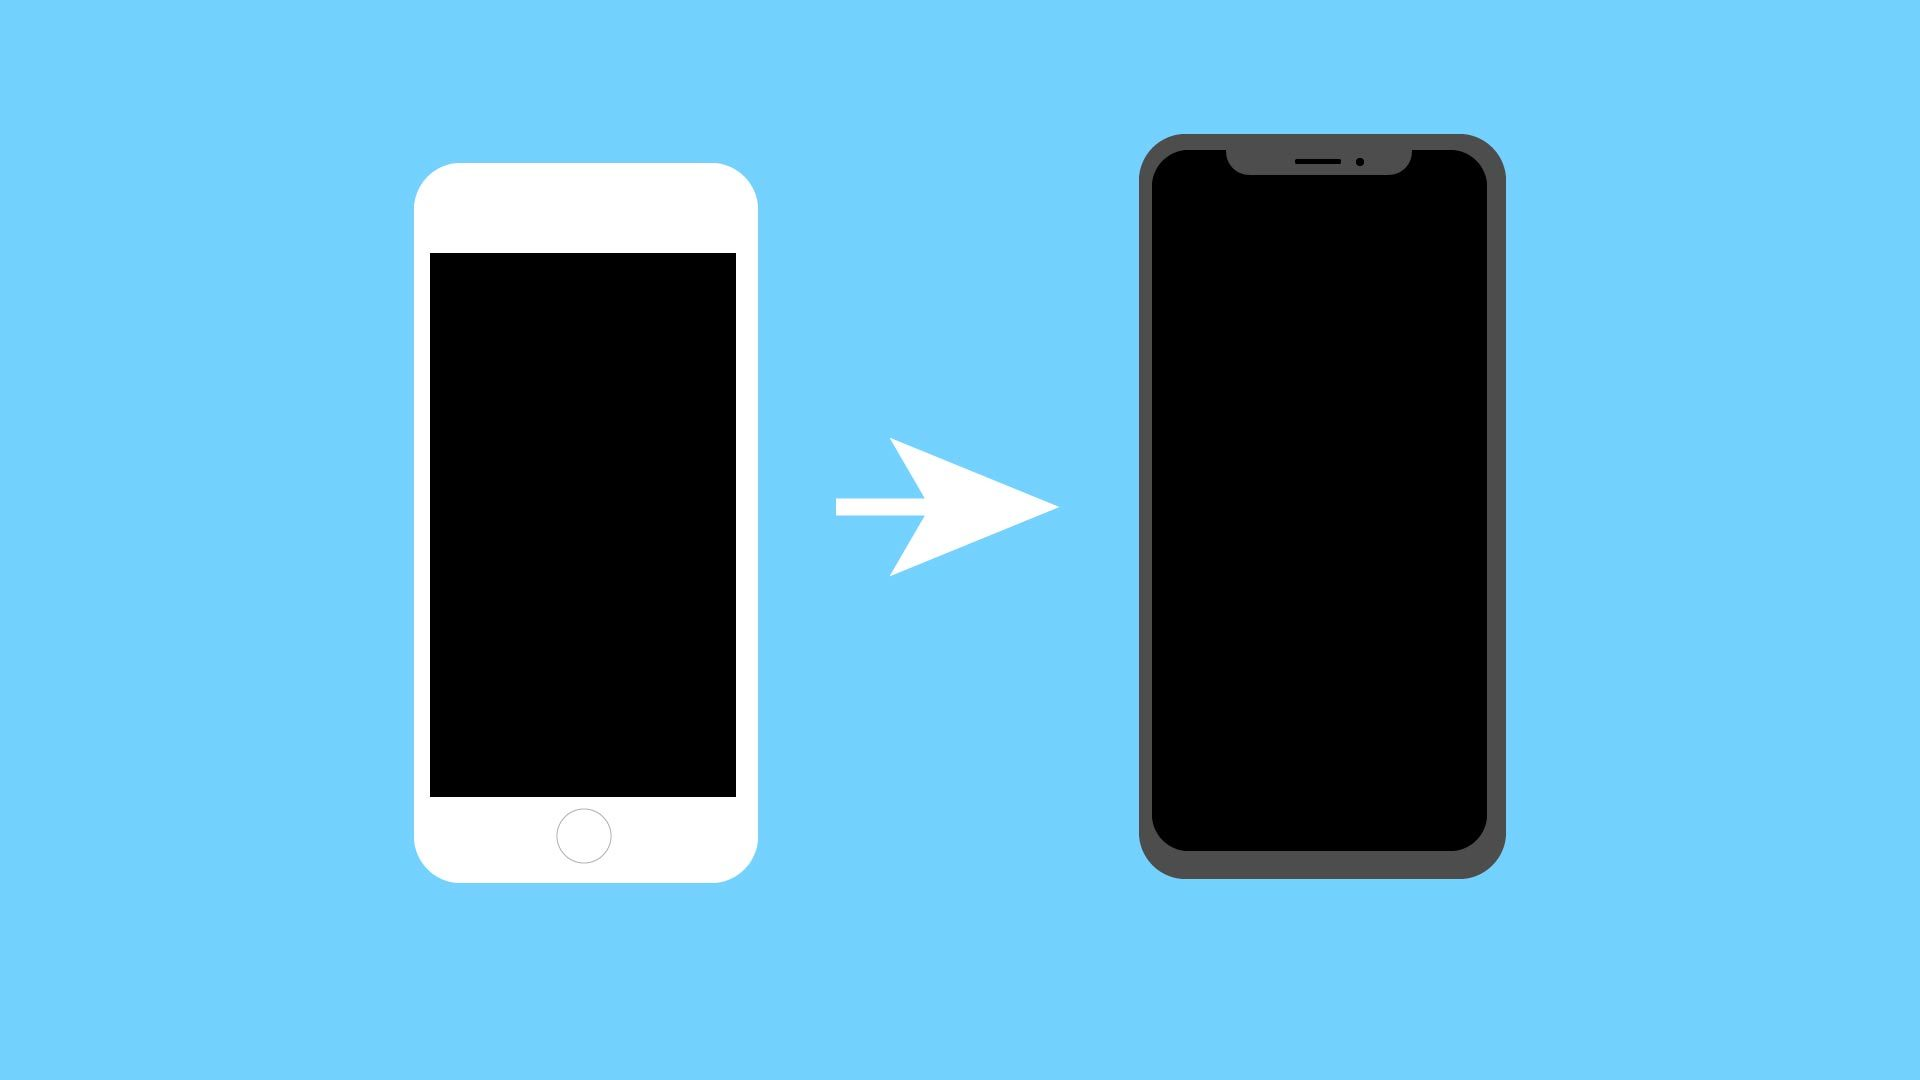 iPhone6sを4年使った私がiPhoneXsに乗り換えて気づいたこと